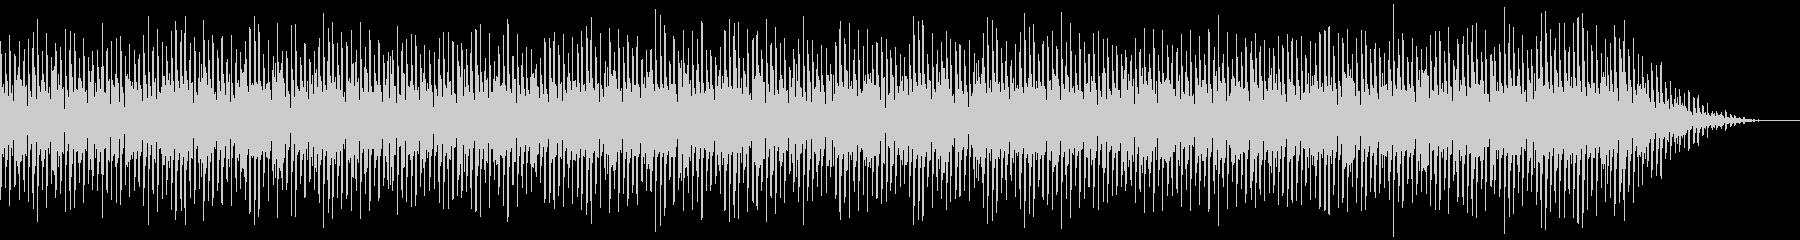 8bitクラシック-Ave Maria-の未再生の波形